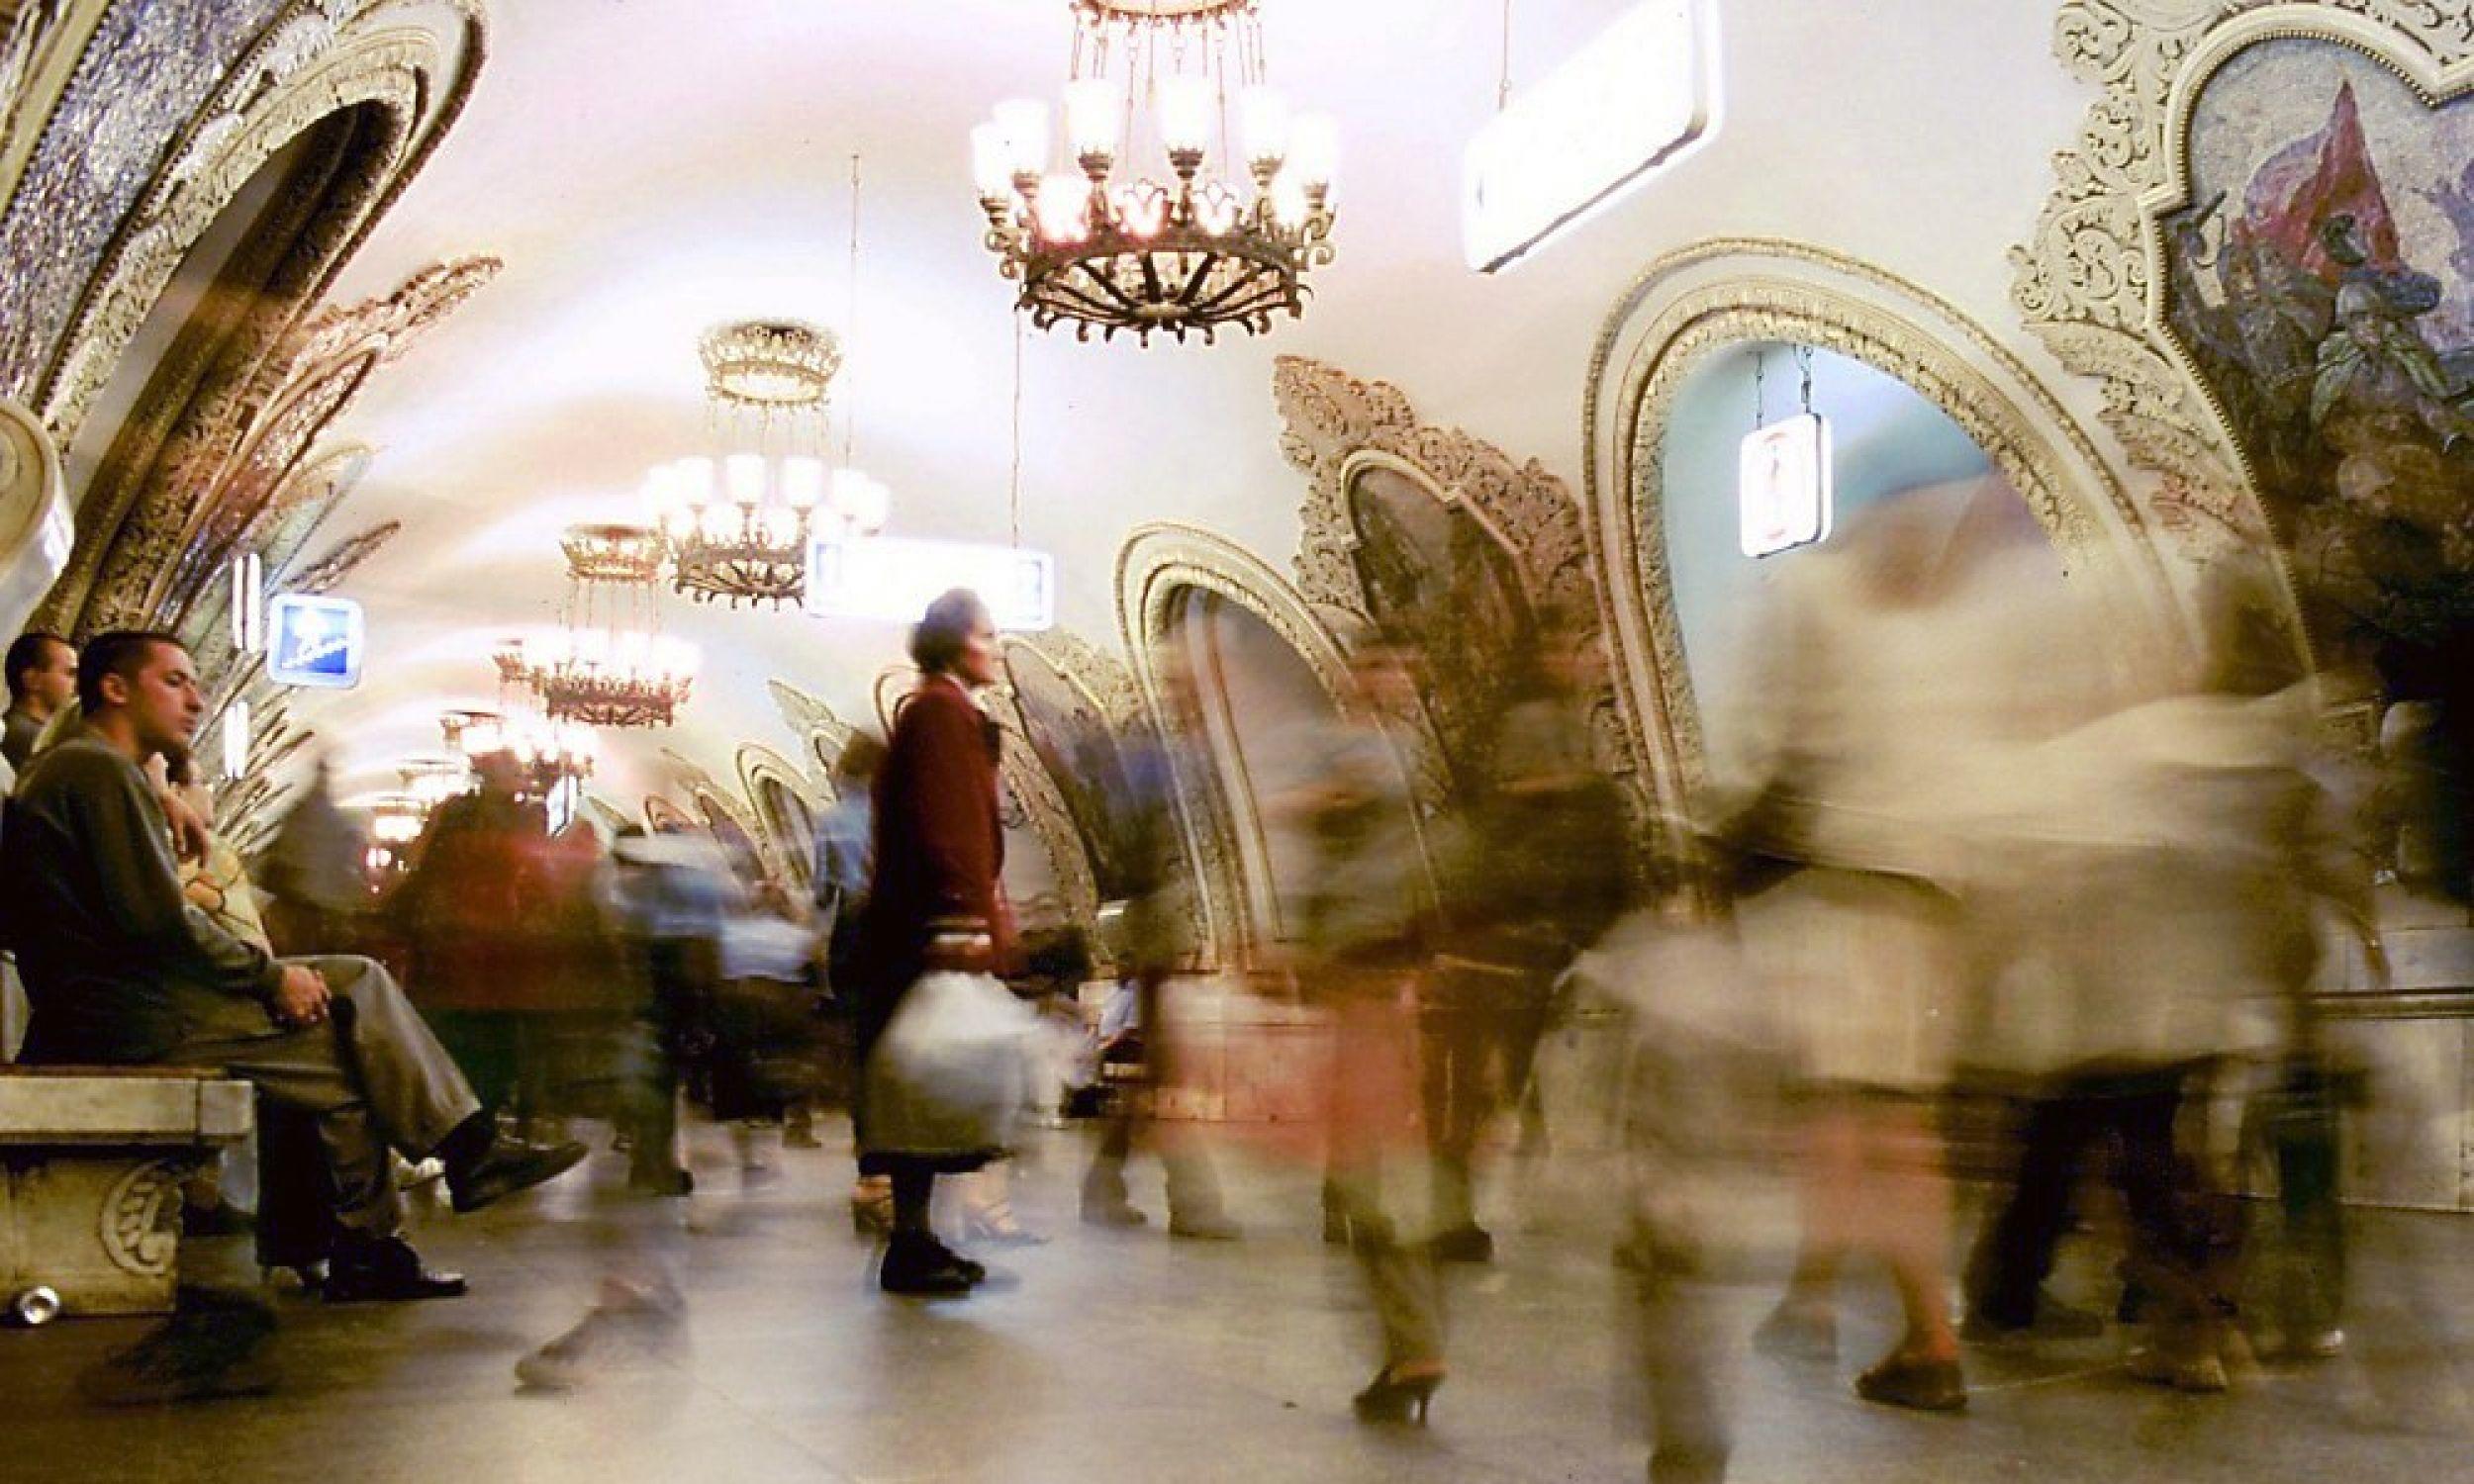 Stacja Kijewskaja linii Kolcewaja okrążającej centrum Moskwy jest jedną z najbardziej ozdobionychi w całym systemie metra przez co sama w sobie stanowi atrakcję turystyczną. Fot. Wikimedia Commons/Unknown. First uploaded by Worldtraveller. - gallery.world-traveller.org. First uploaded by Worldtraveller., CC BY-SA 3.0, https://commons.wikimedia.org/w/index.php?curid=49684